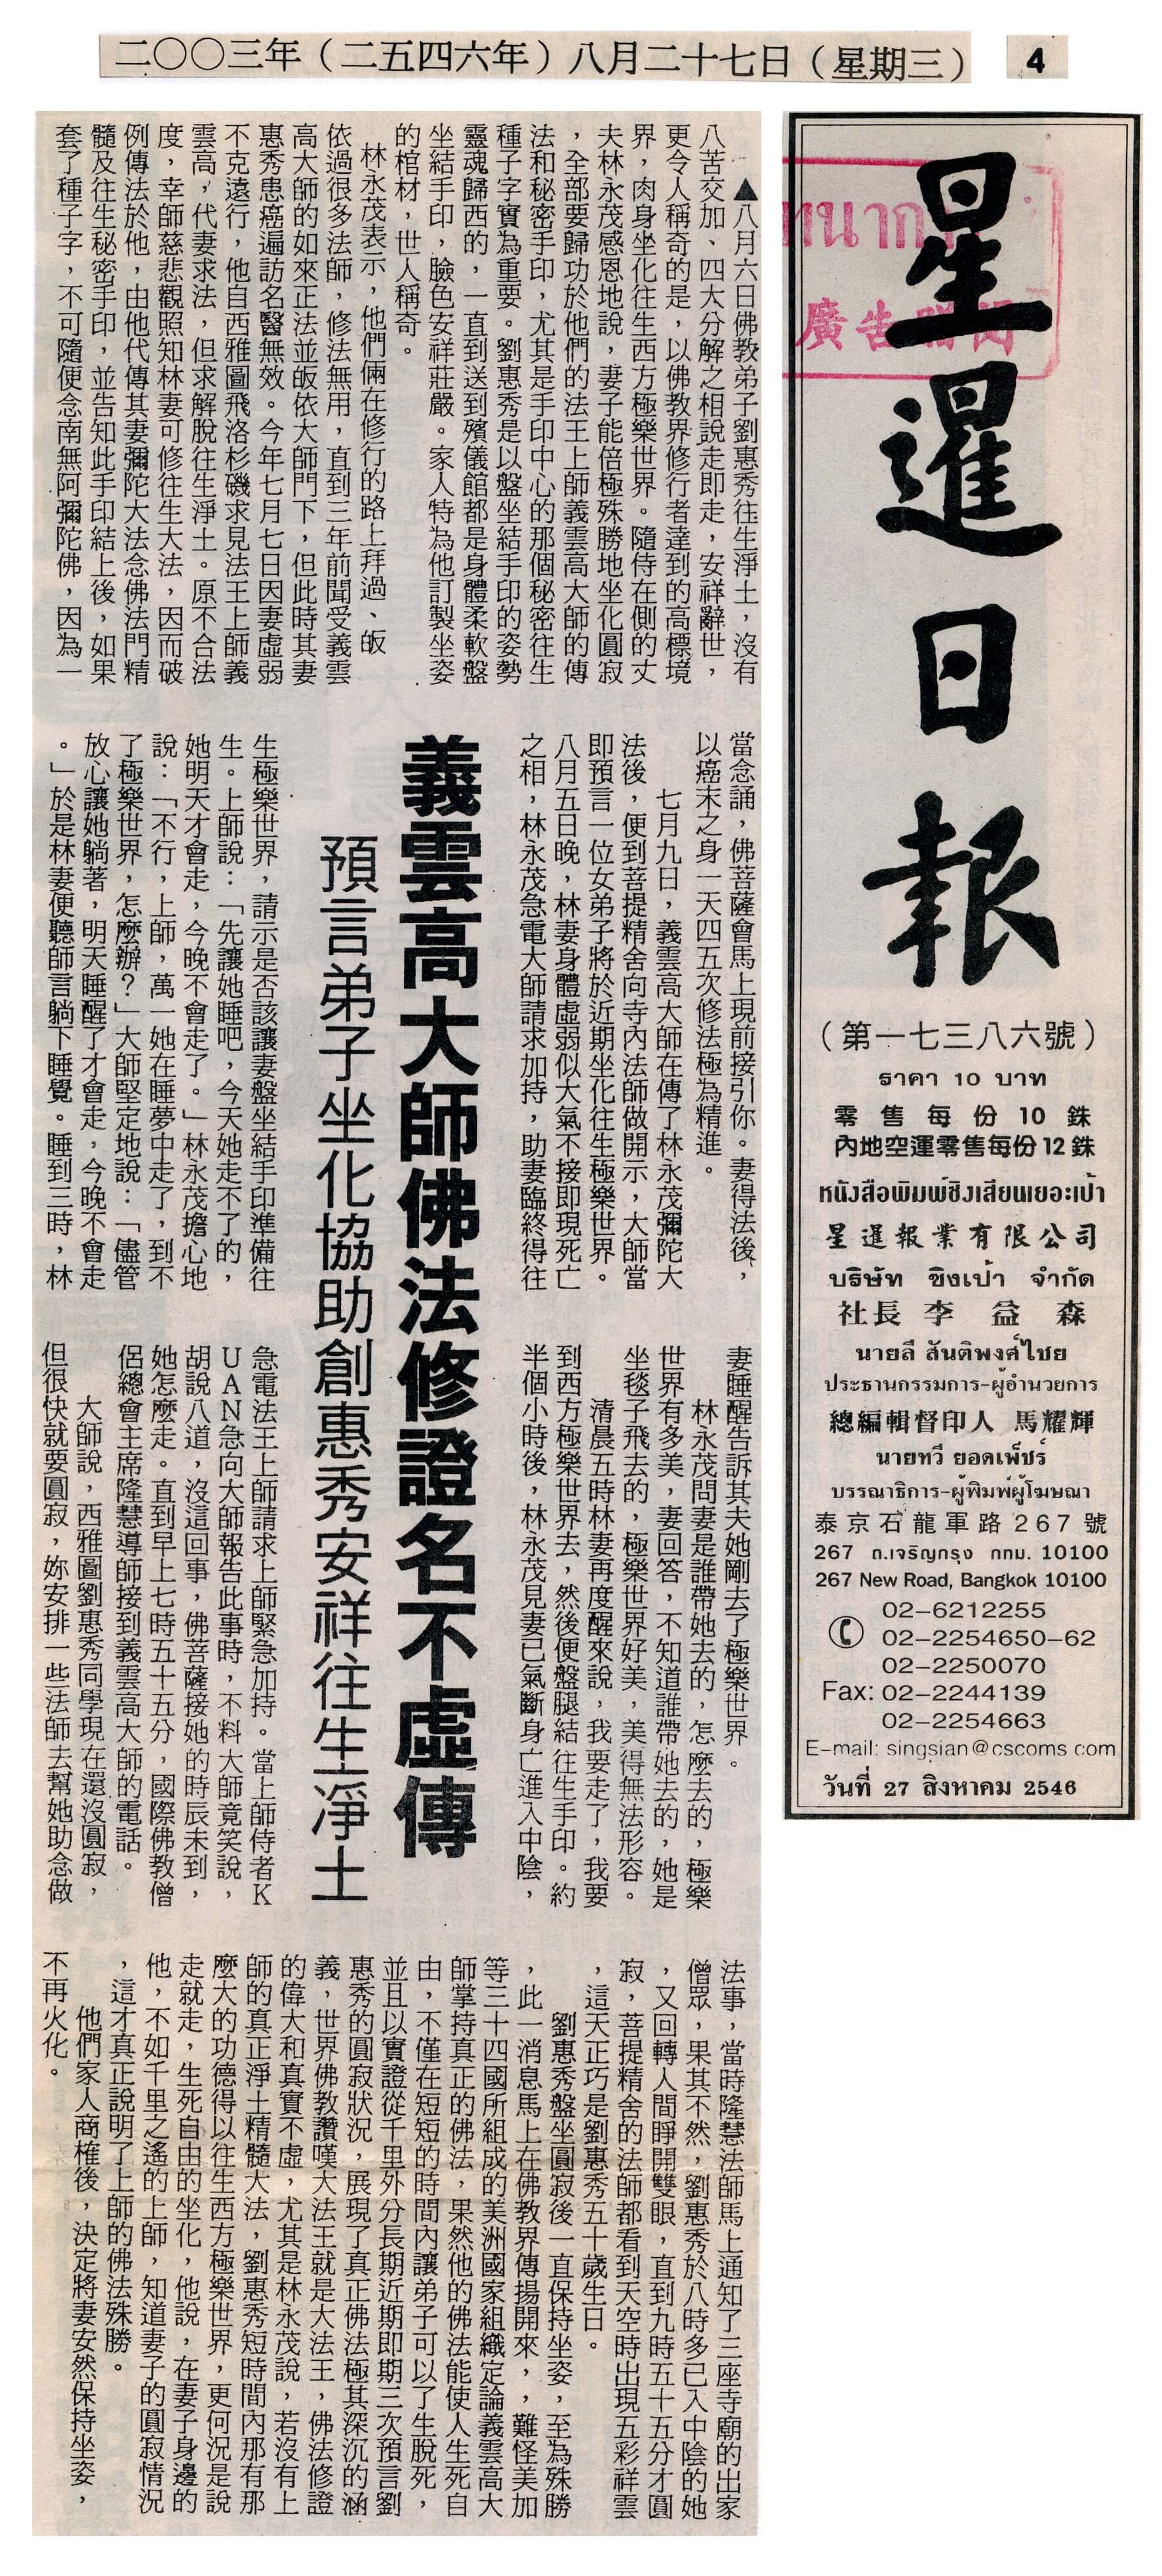 義雲高 2003-08-27 星暹日報